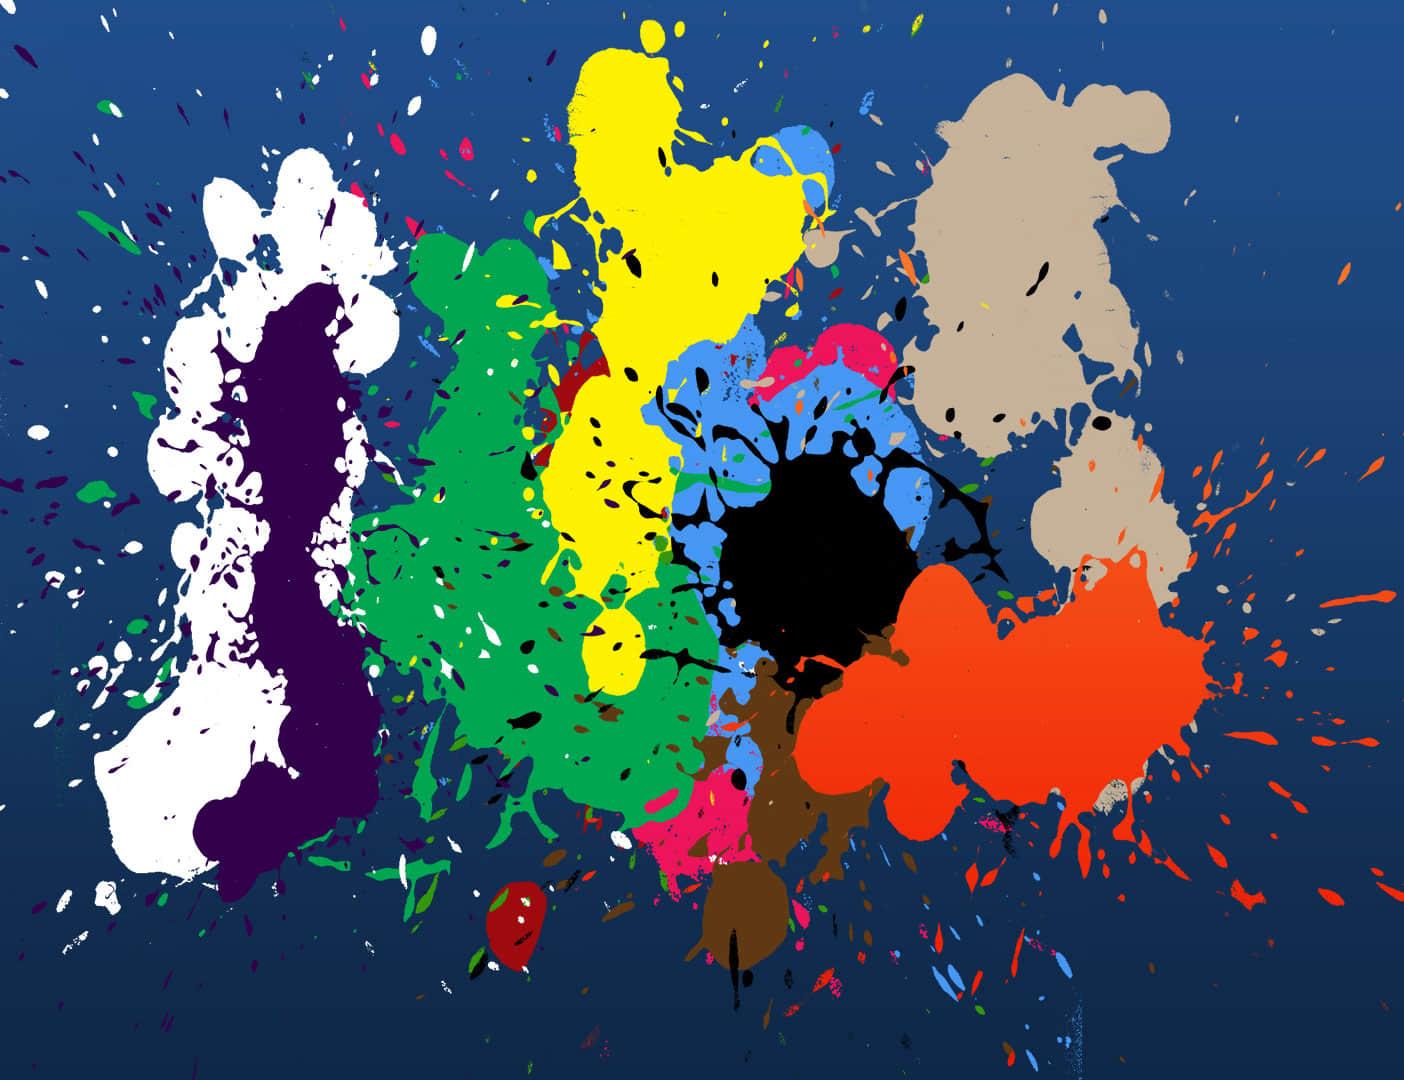 一套混乱油漆、油墨滴溅PS笔刷下载 滴溅笔刷 油墨笔刷  %e6%b2%b9%e6%bc%86%e7%ac%94%e5%88%b7